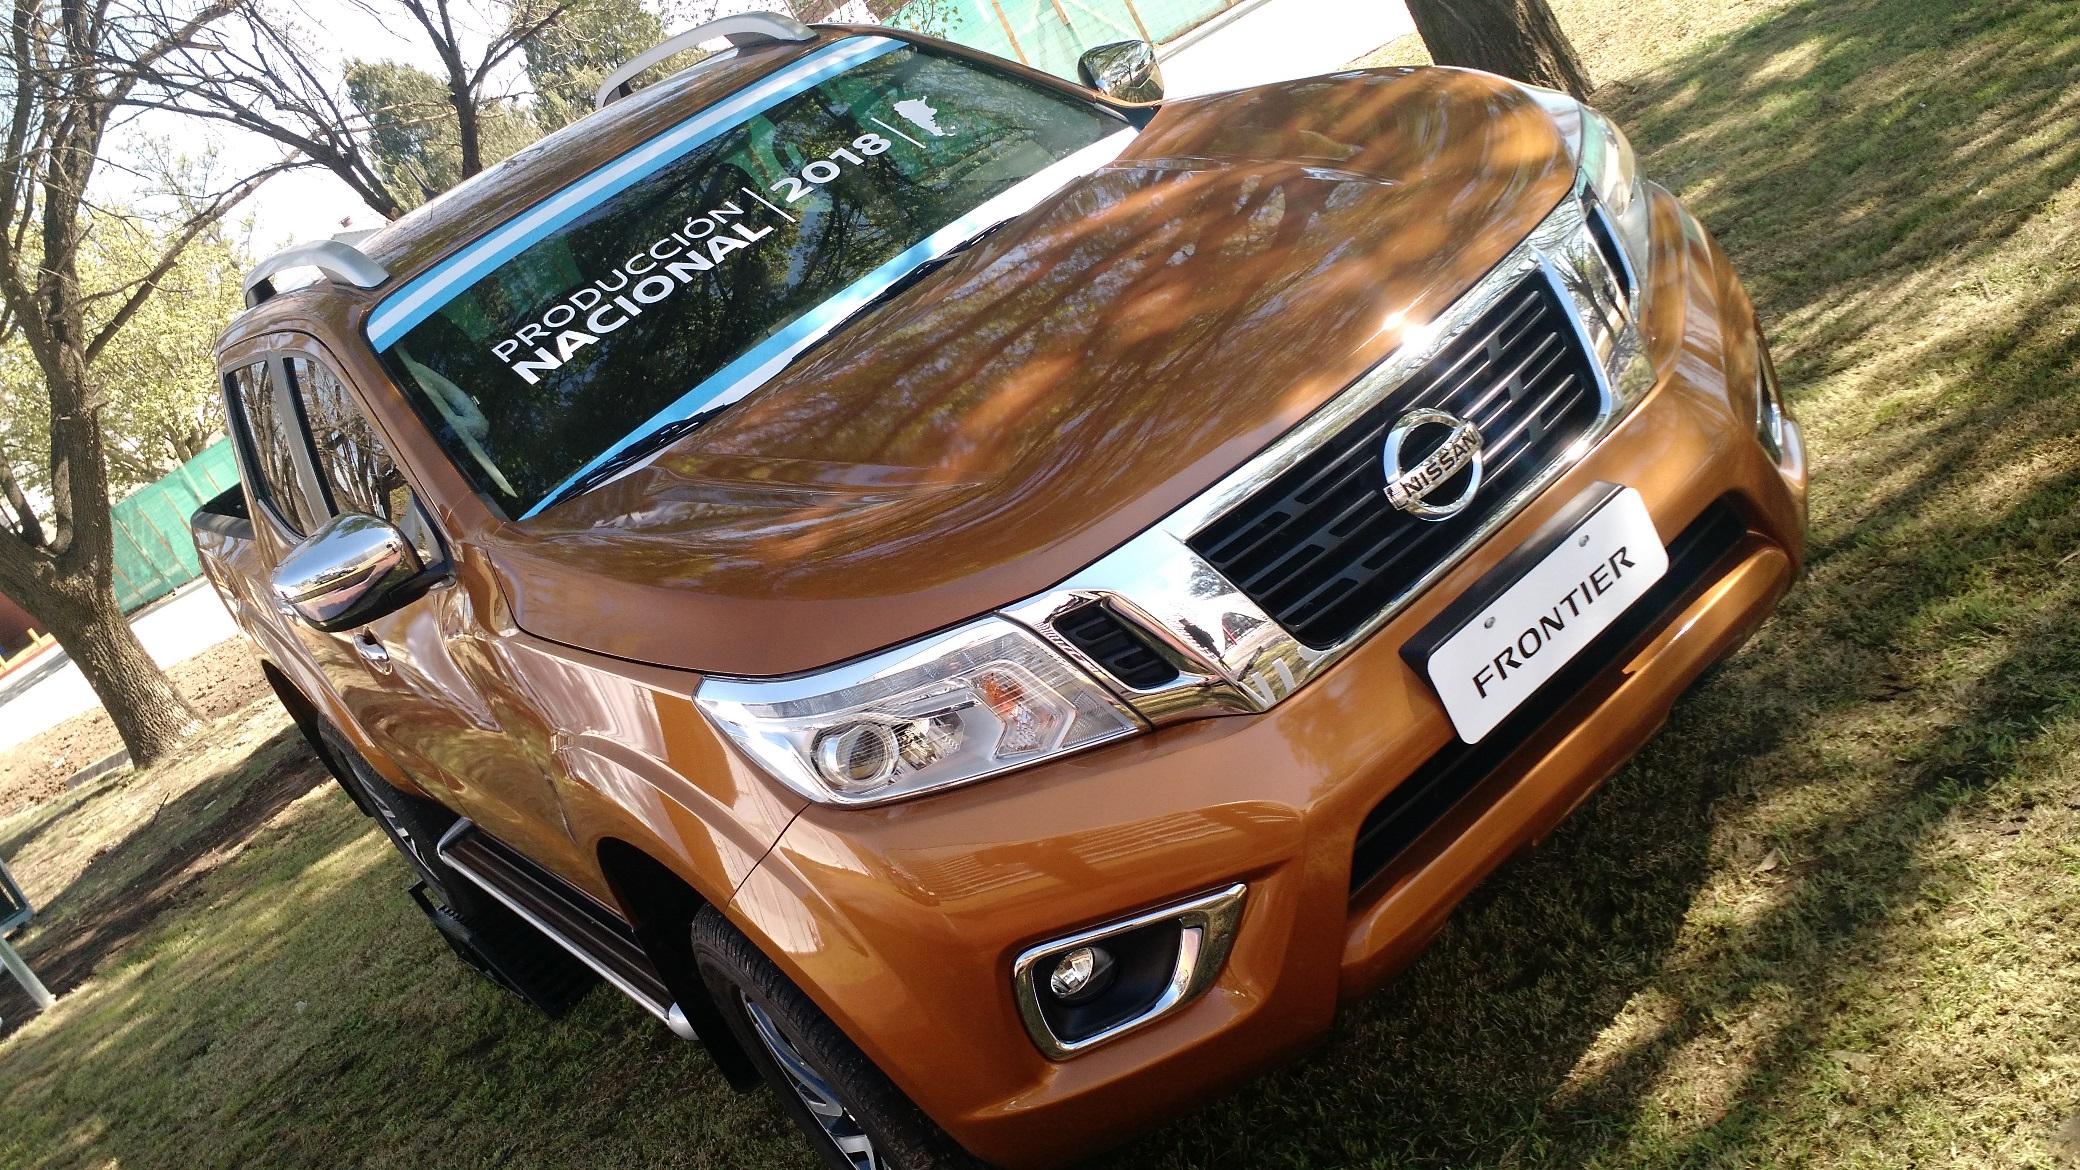 La pick-up Nissan NP 300 se producirá en Córdoba a partir del segundo semestre de 2018 | Foto: Turello.com.ar